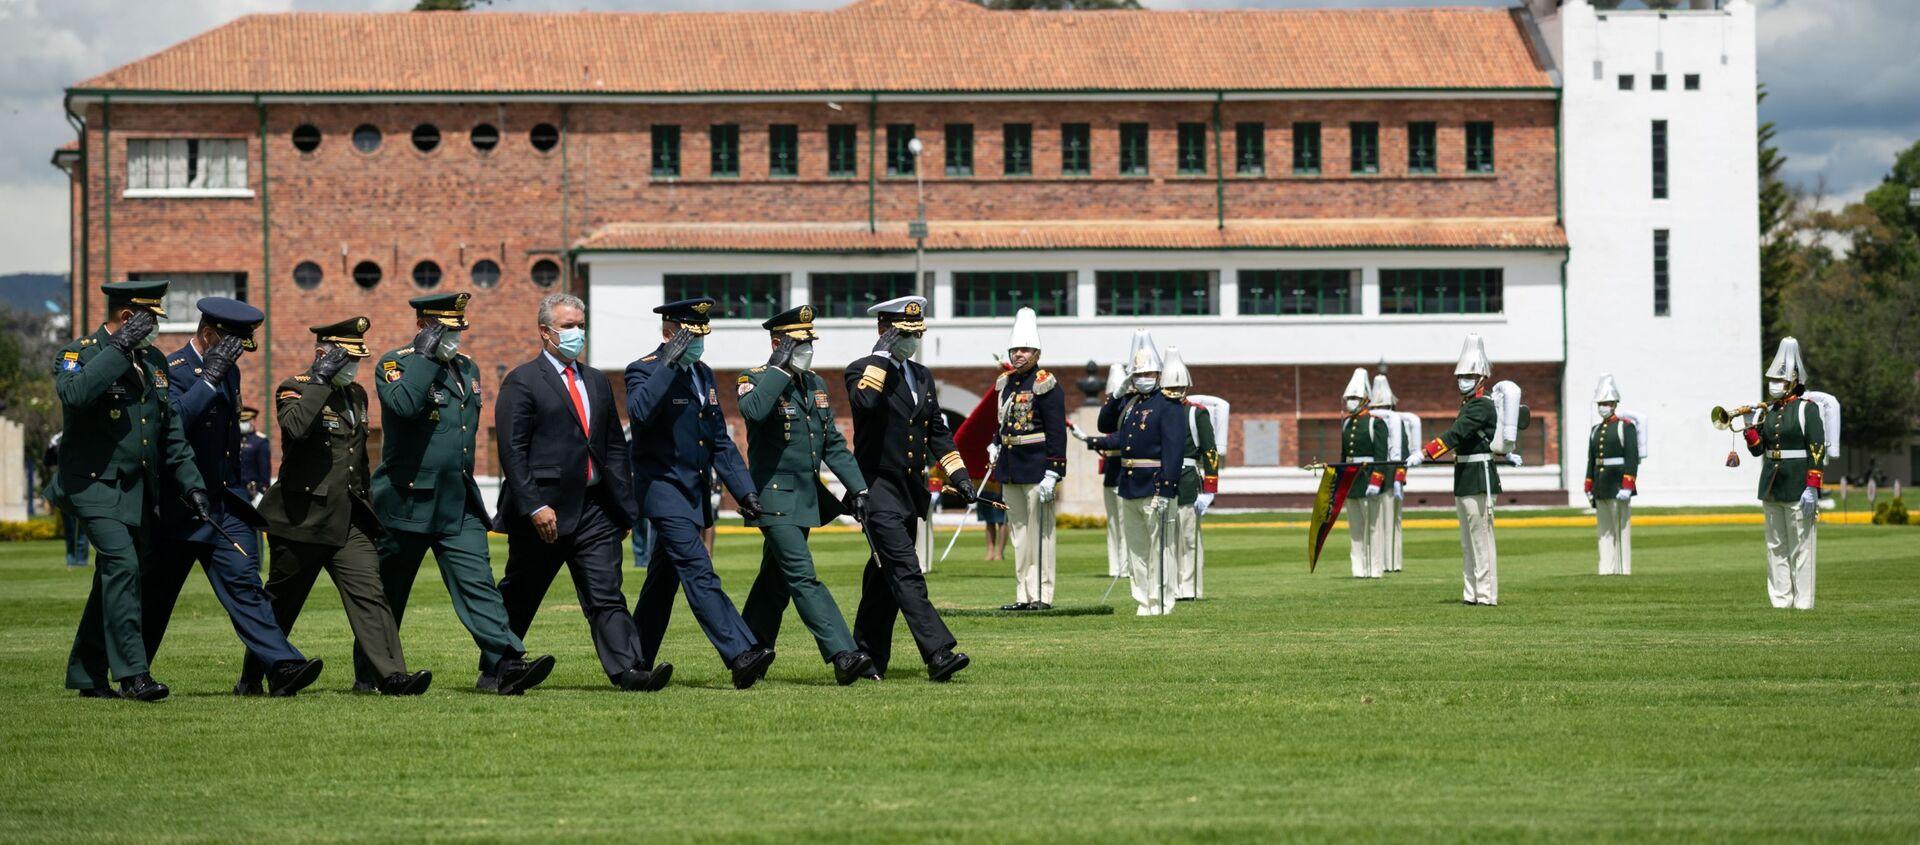 Presidente de Colombia, Iván Duque, en ceremonia de ascensos de oficiales del Ejército - Sputnik Mundo, 1920, 16.12.2020